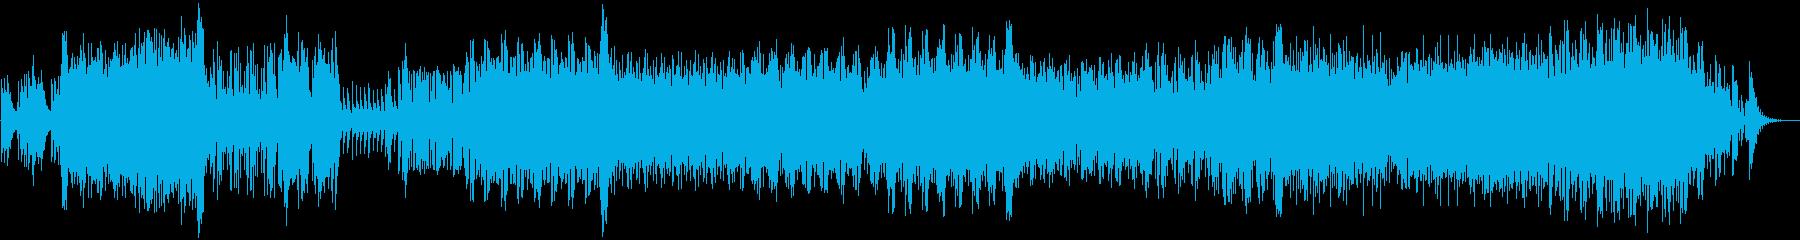 重厚でダイナミックなテクノの再生済みの波形